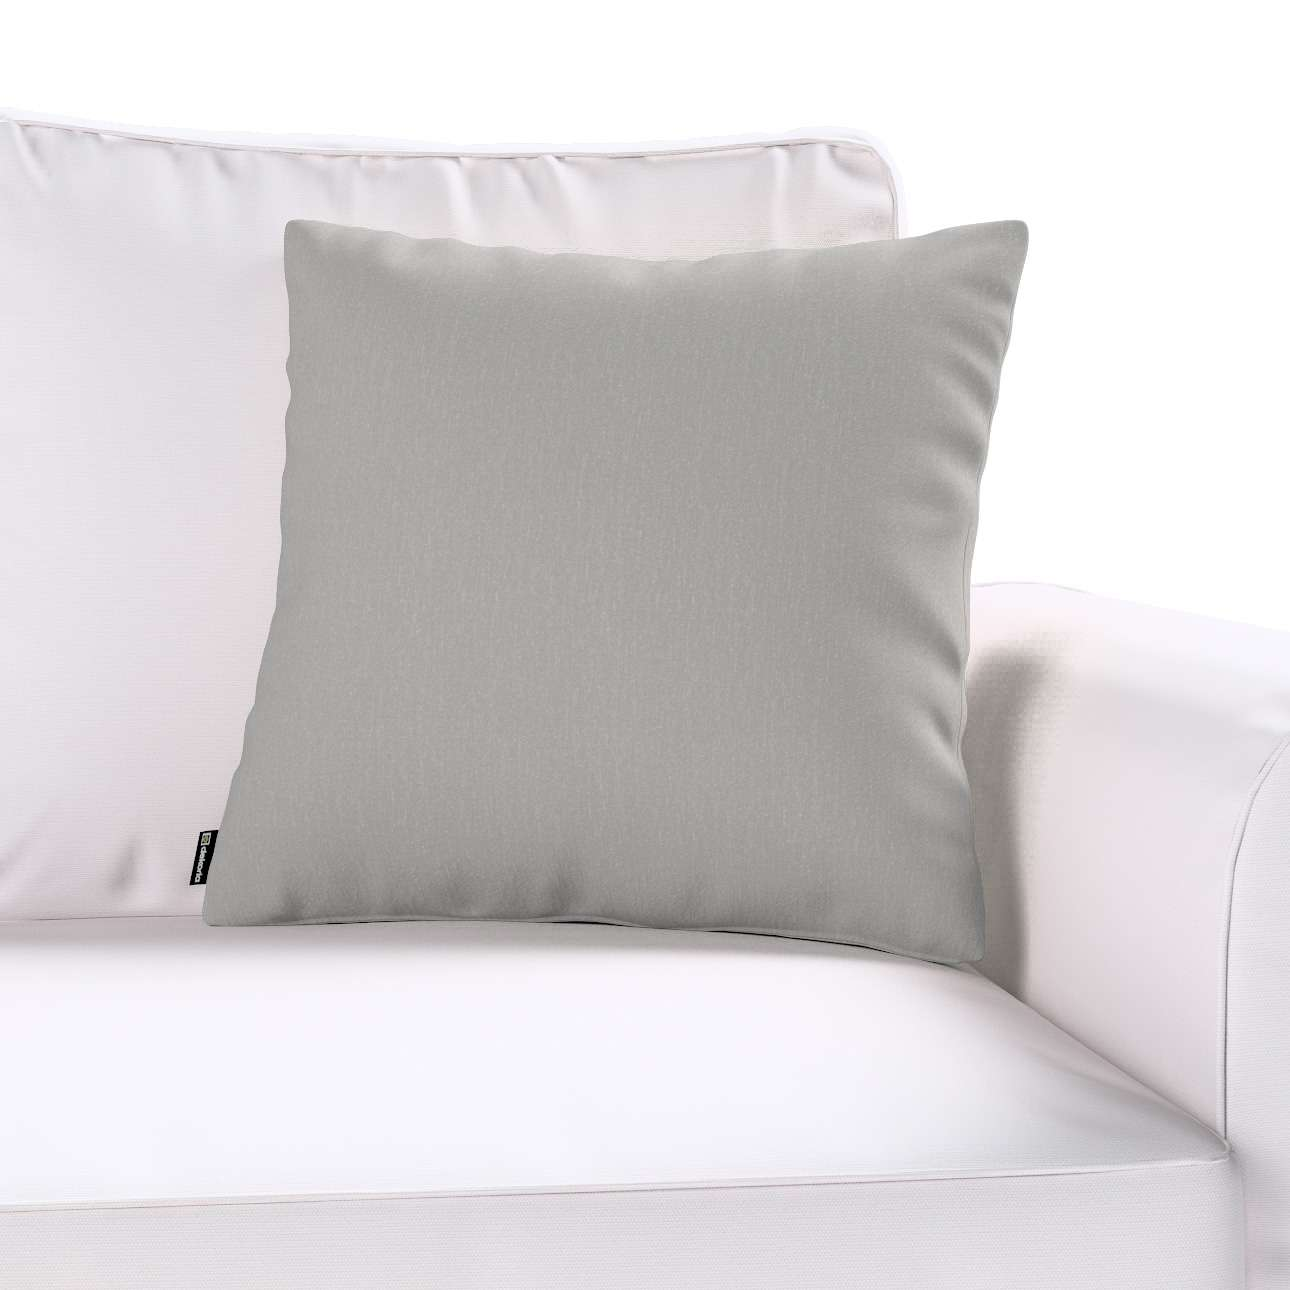 Kinga dekoratyvinės pagalvėlės užvalkalas 43 x 43 cm kolekcijoje Chenille, audinys: 702-23